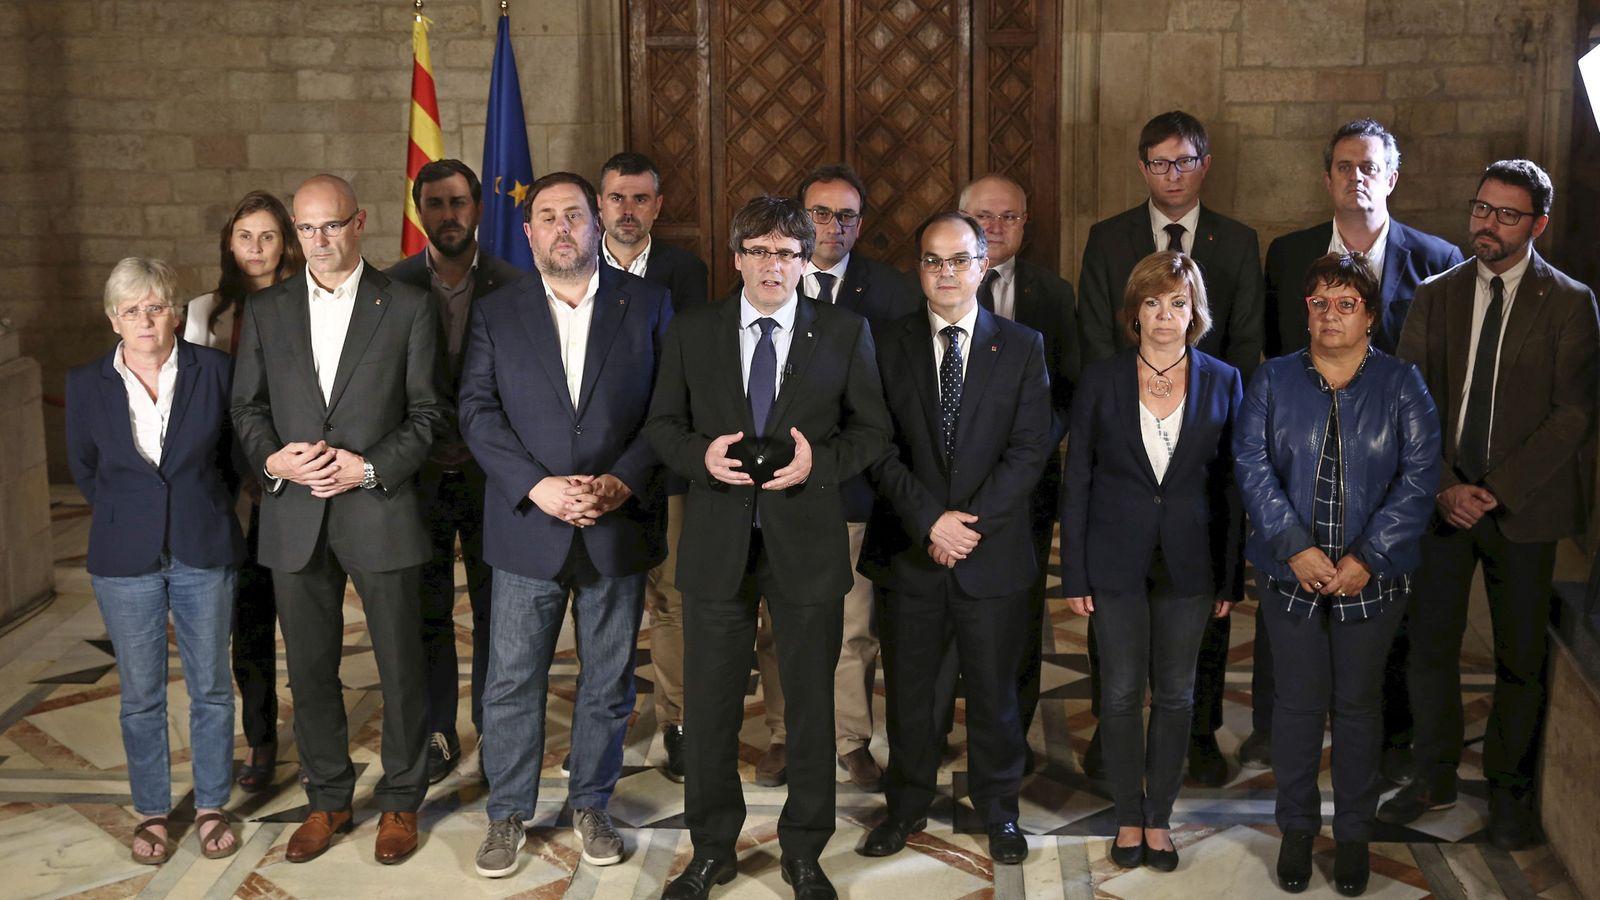 Foto: Fotografía facilitada por la Generalitat de la declaración del president catalán Carles Puigdemont y su gobierno tras el referéndum ilegal. (EFE)